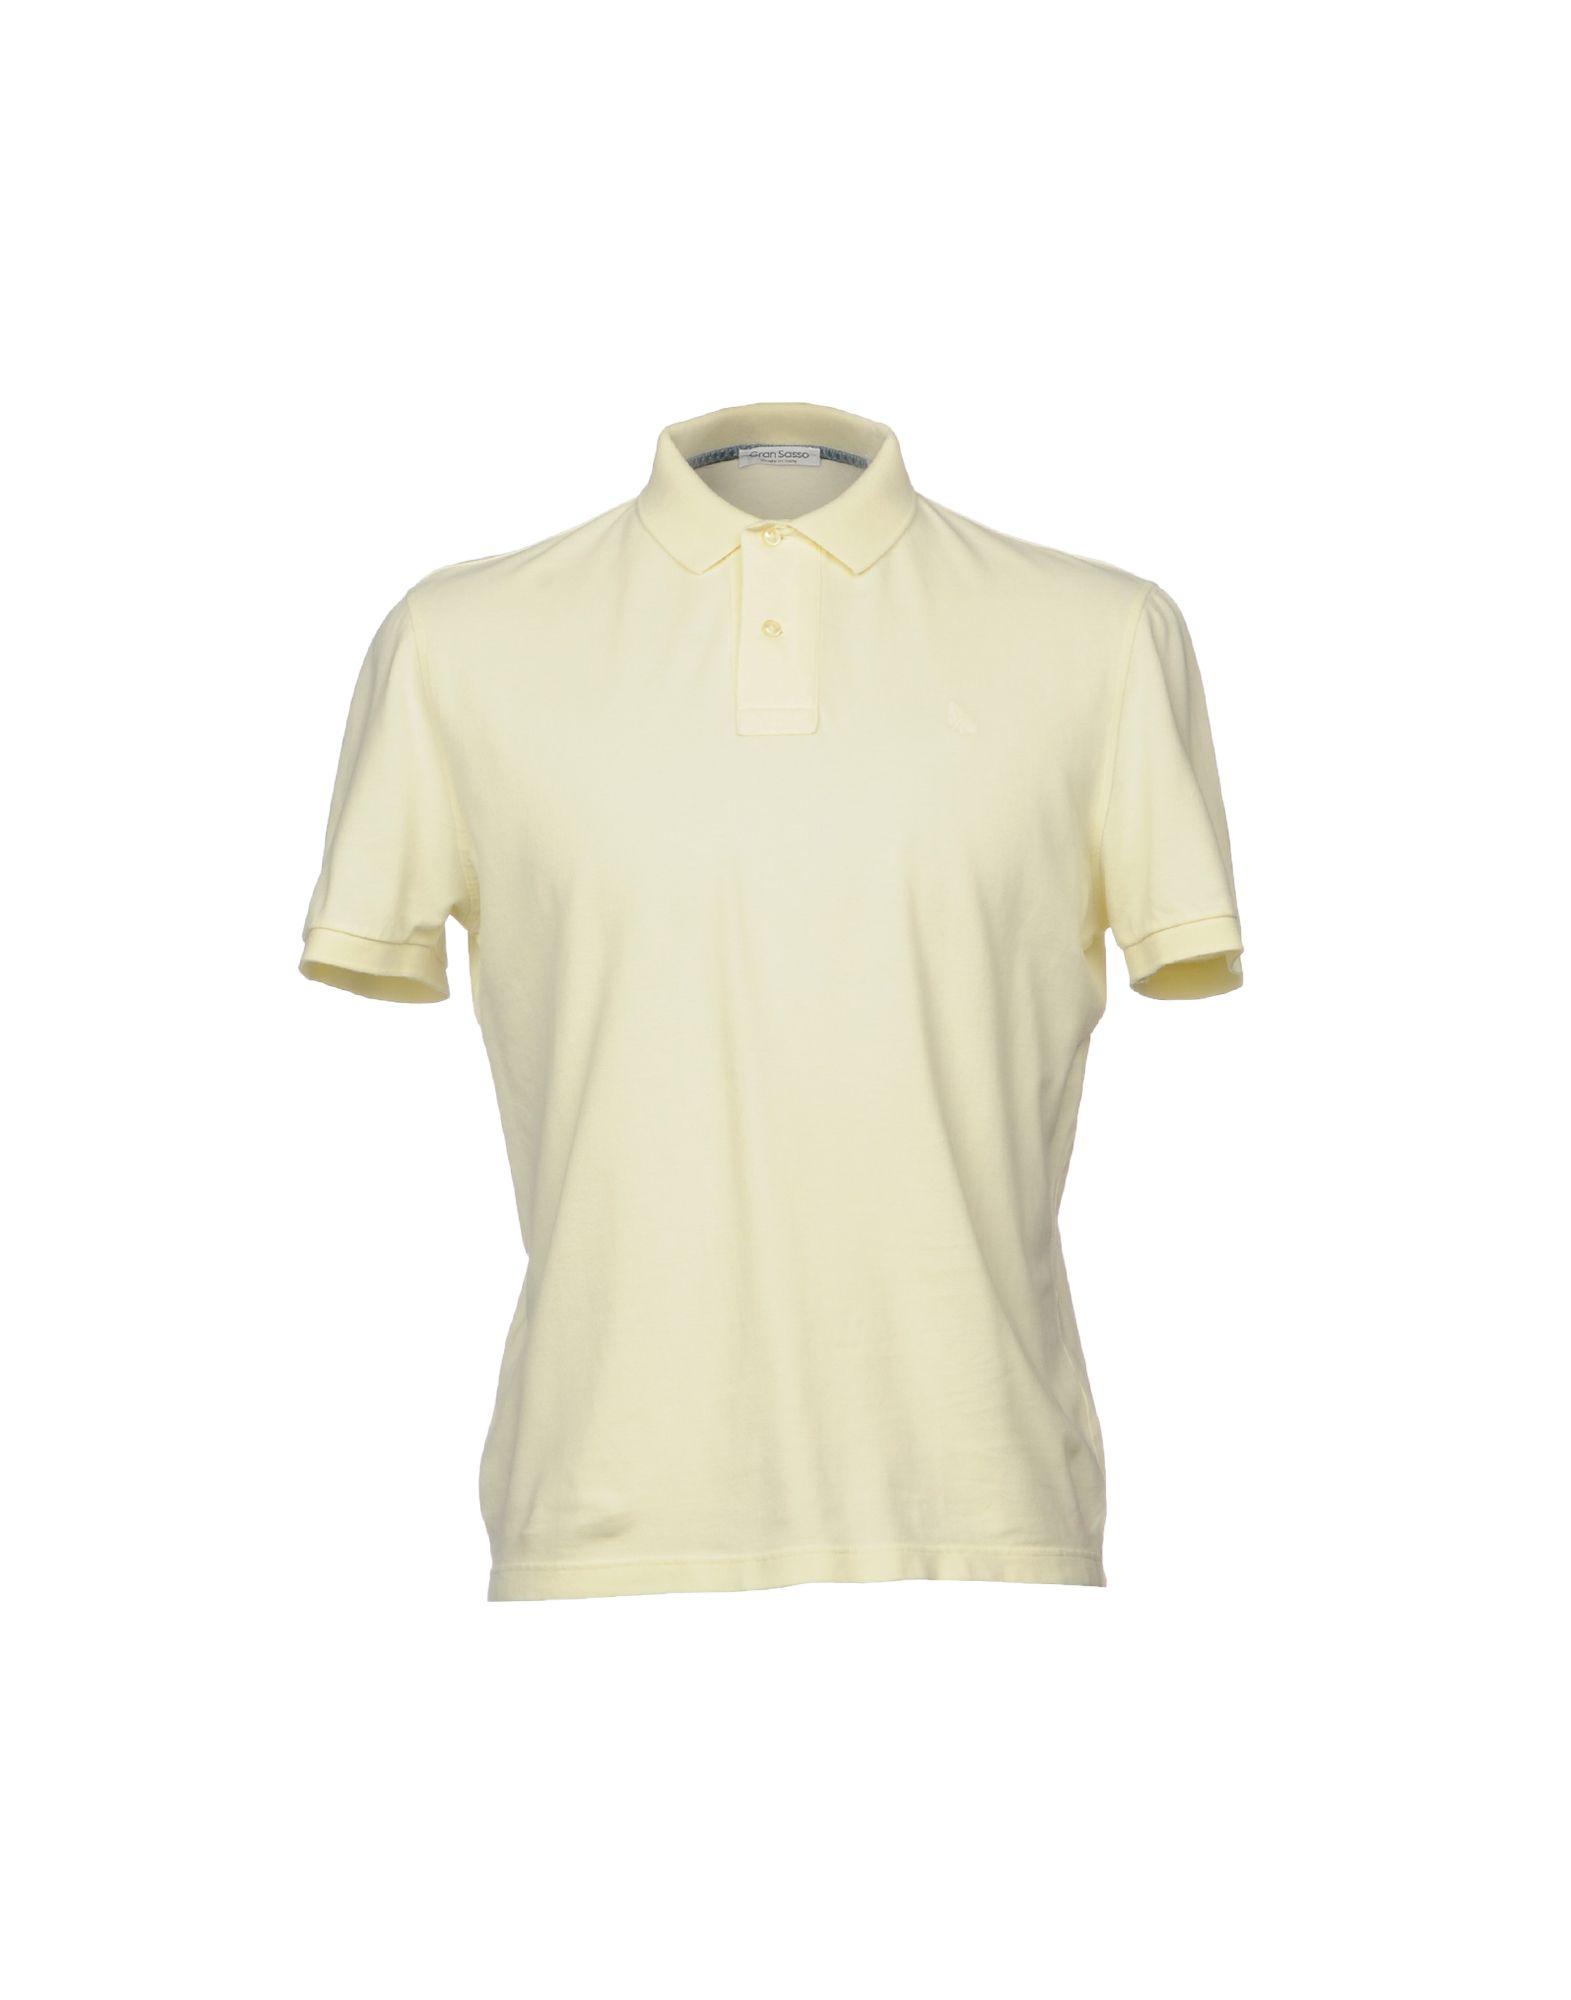 GRAN SASSO Herren Poloshirt Farbe Hellgelb Größe 8 jetztbilligerkaufen